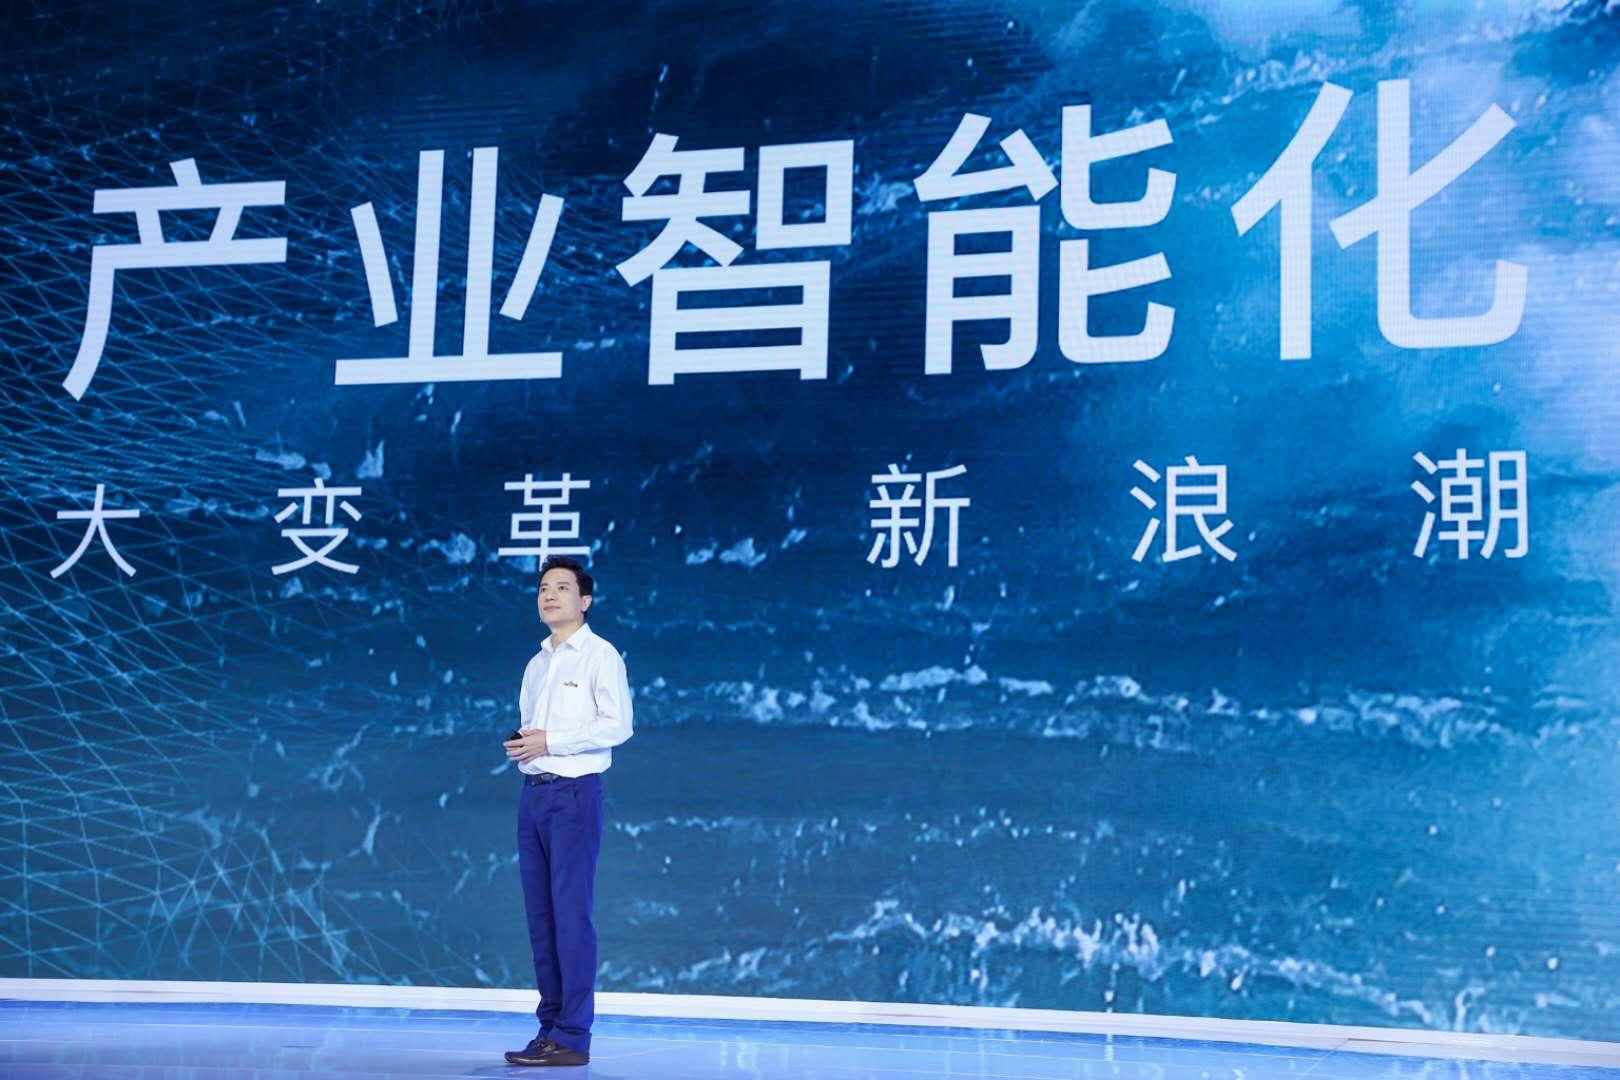 拉开下一个智能化大幕:李彦宏和他的AI创世纪